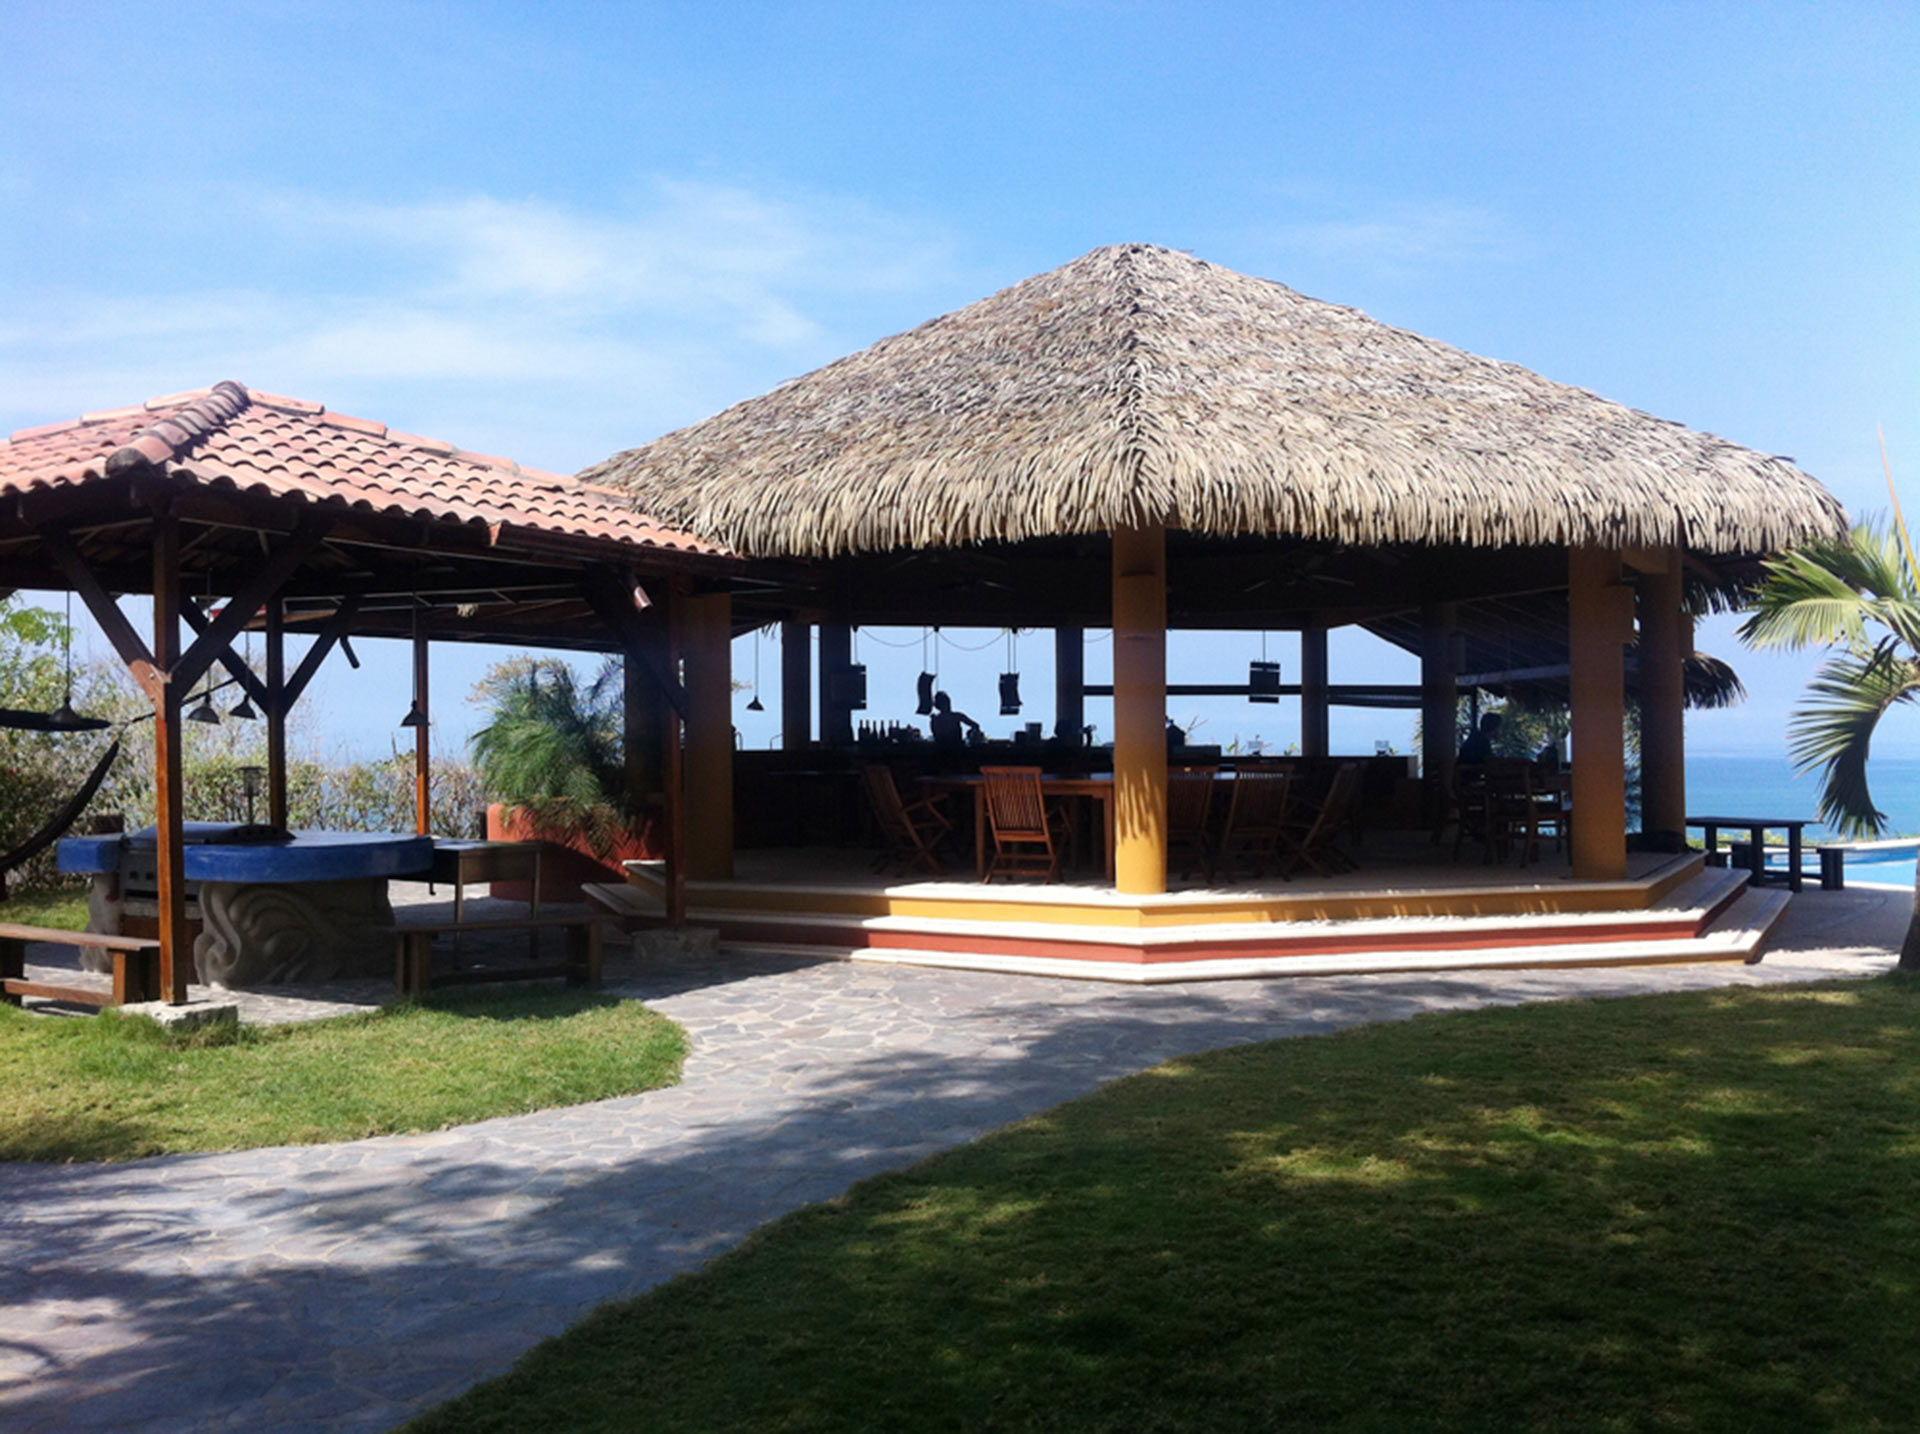 Hotels and retreats architecture alvarezarquitectos for Arquitectos costa rica